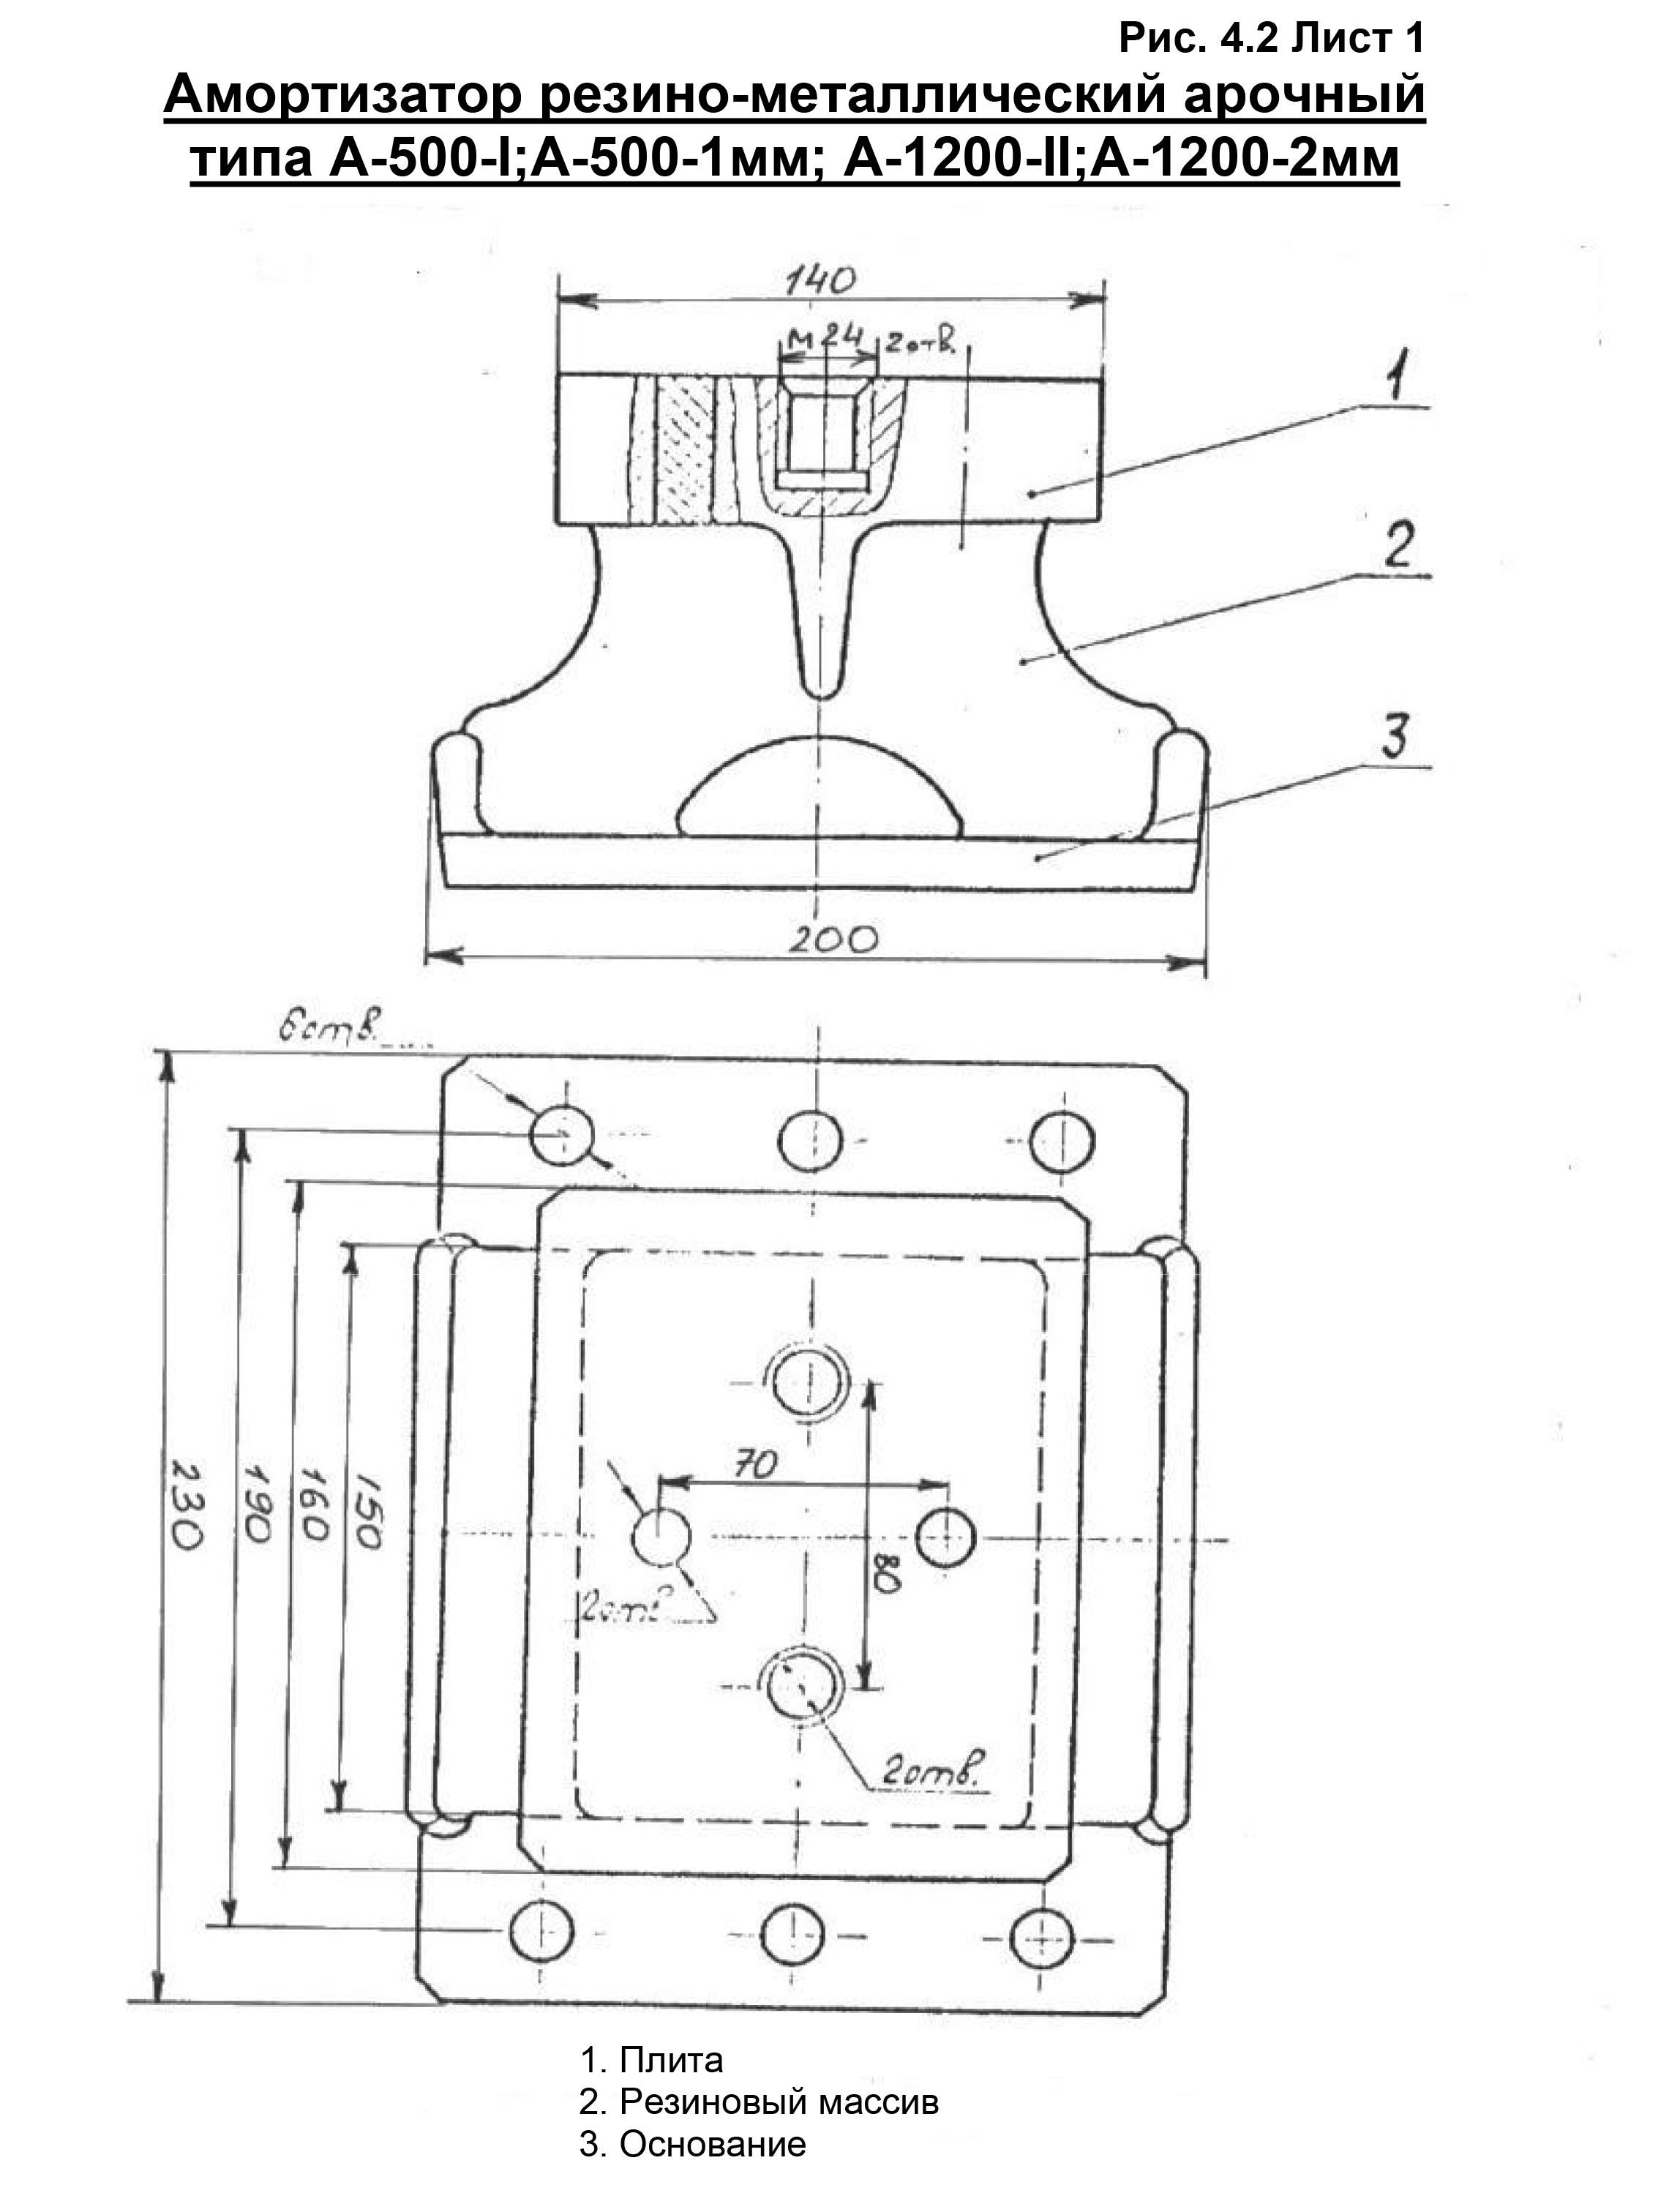 Амортизатор арочного типа А-500  А-1200